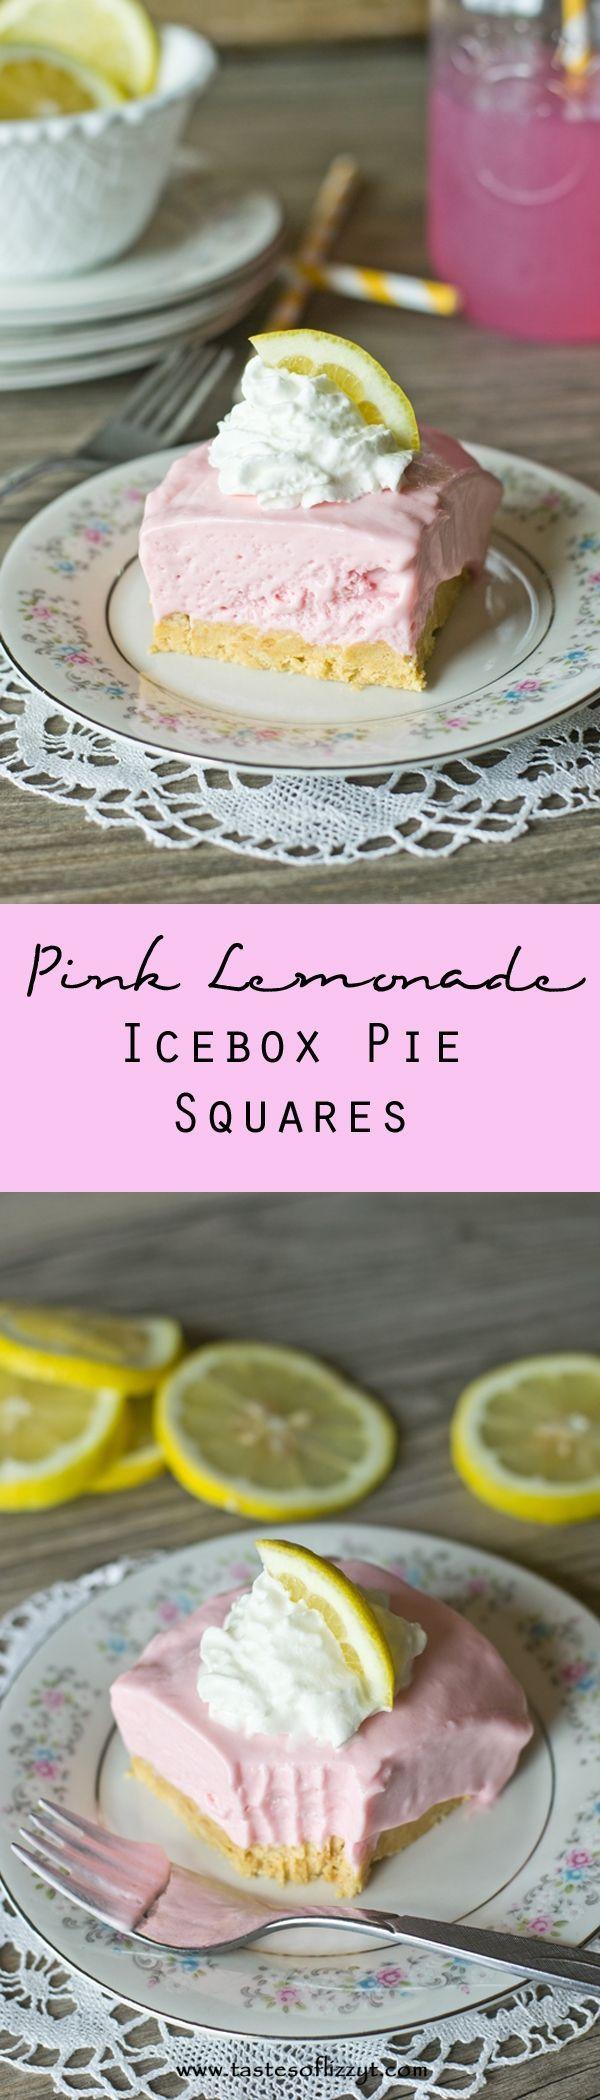 Pink Lemonade Icebox Pie Squares. This no-bake Pink Lemonade Icebox Pie Squares are cool, light and refreshing.